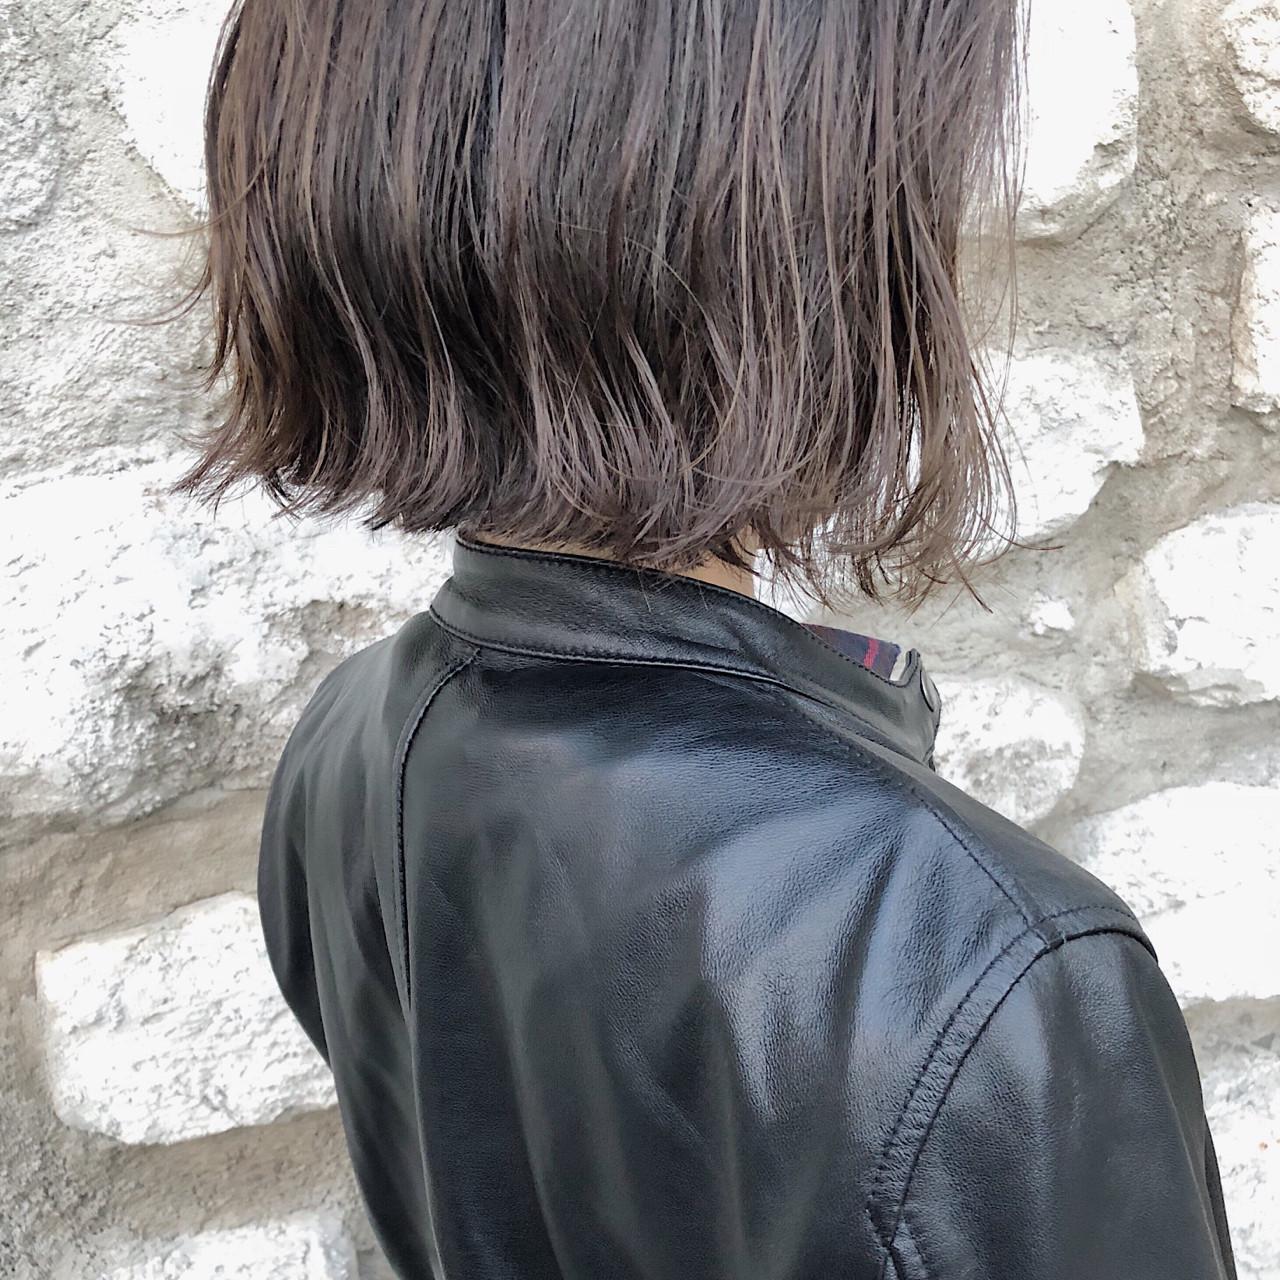 ボブ 外ハネ ハイライト モード ヘアスタイルや髪型の写真・画像 | 森 康治 / kiito / kiito